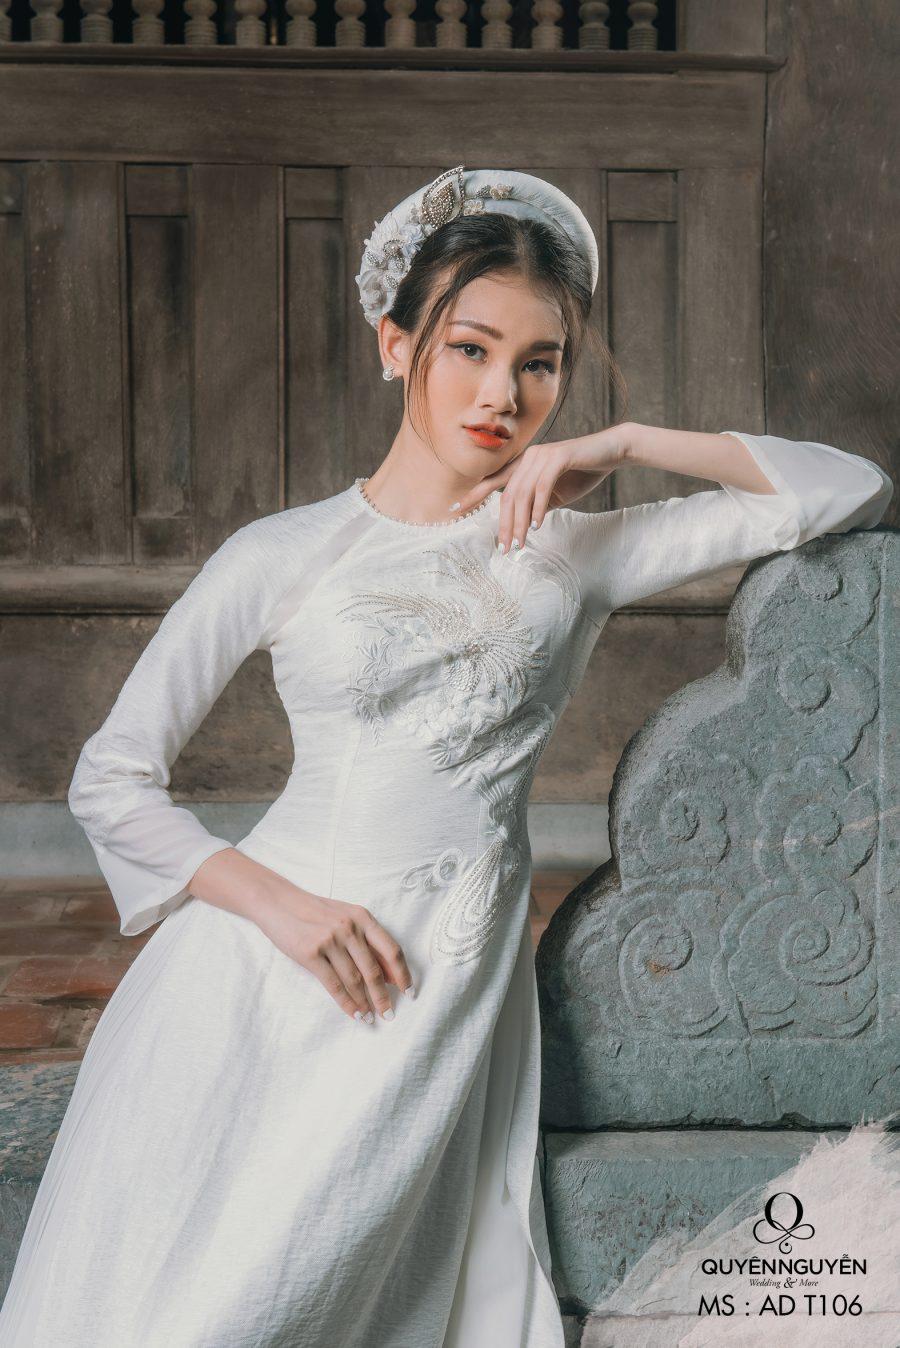 Những mẫu áo dài ăn hỏi đẹp 2021 hot nhất tại Quyên Nguyễn Bridal